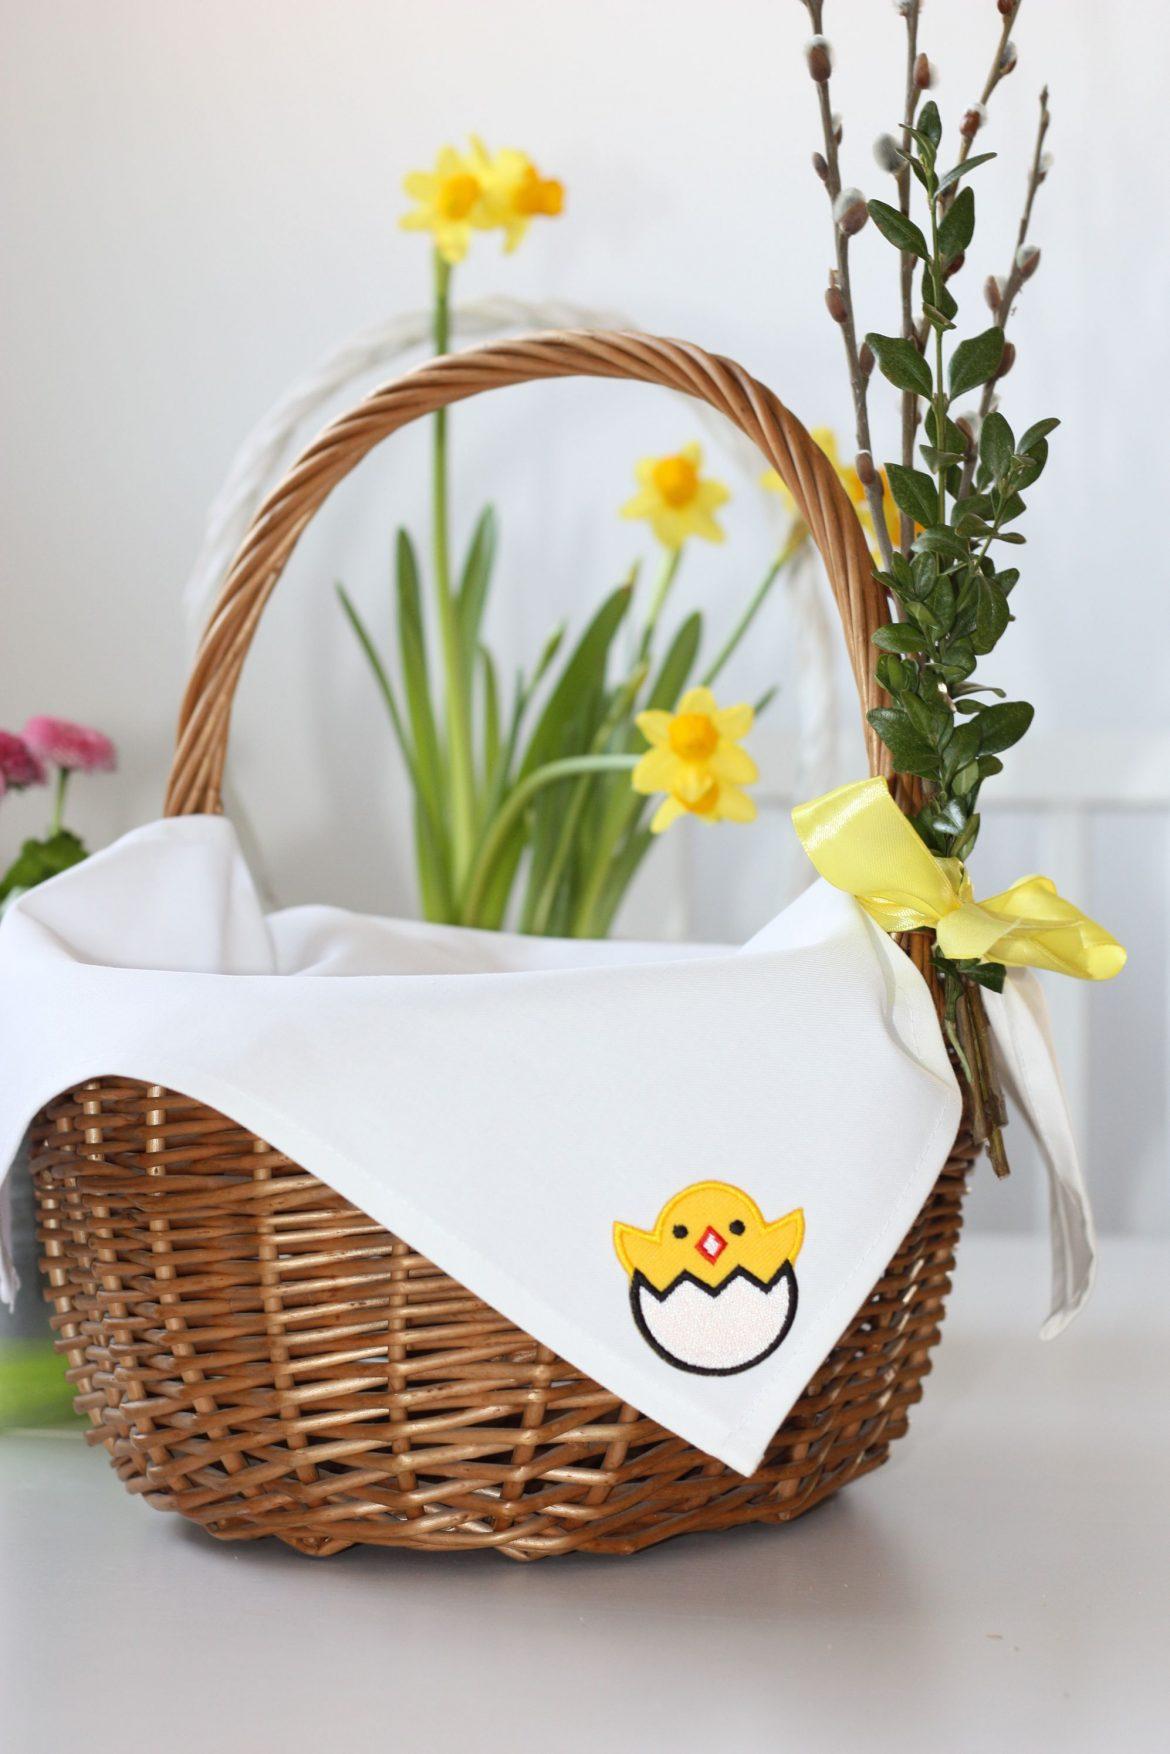 Haftowane Wielkanocne Dekoracje